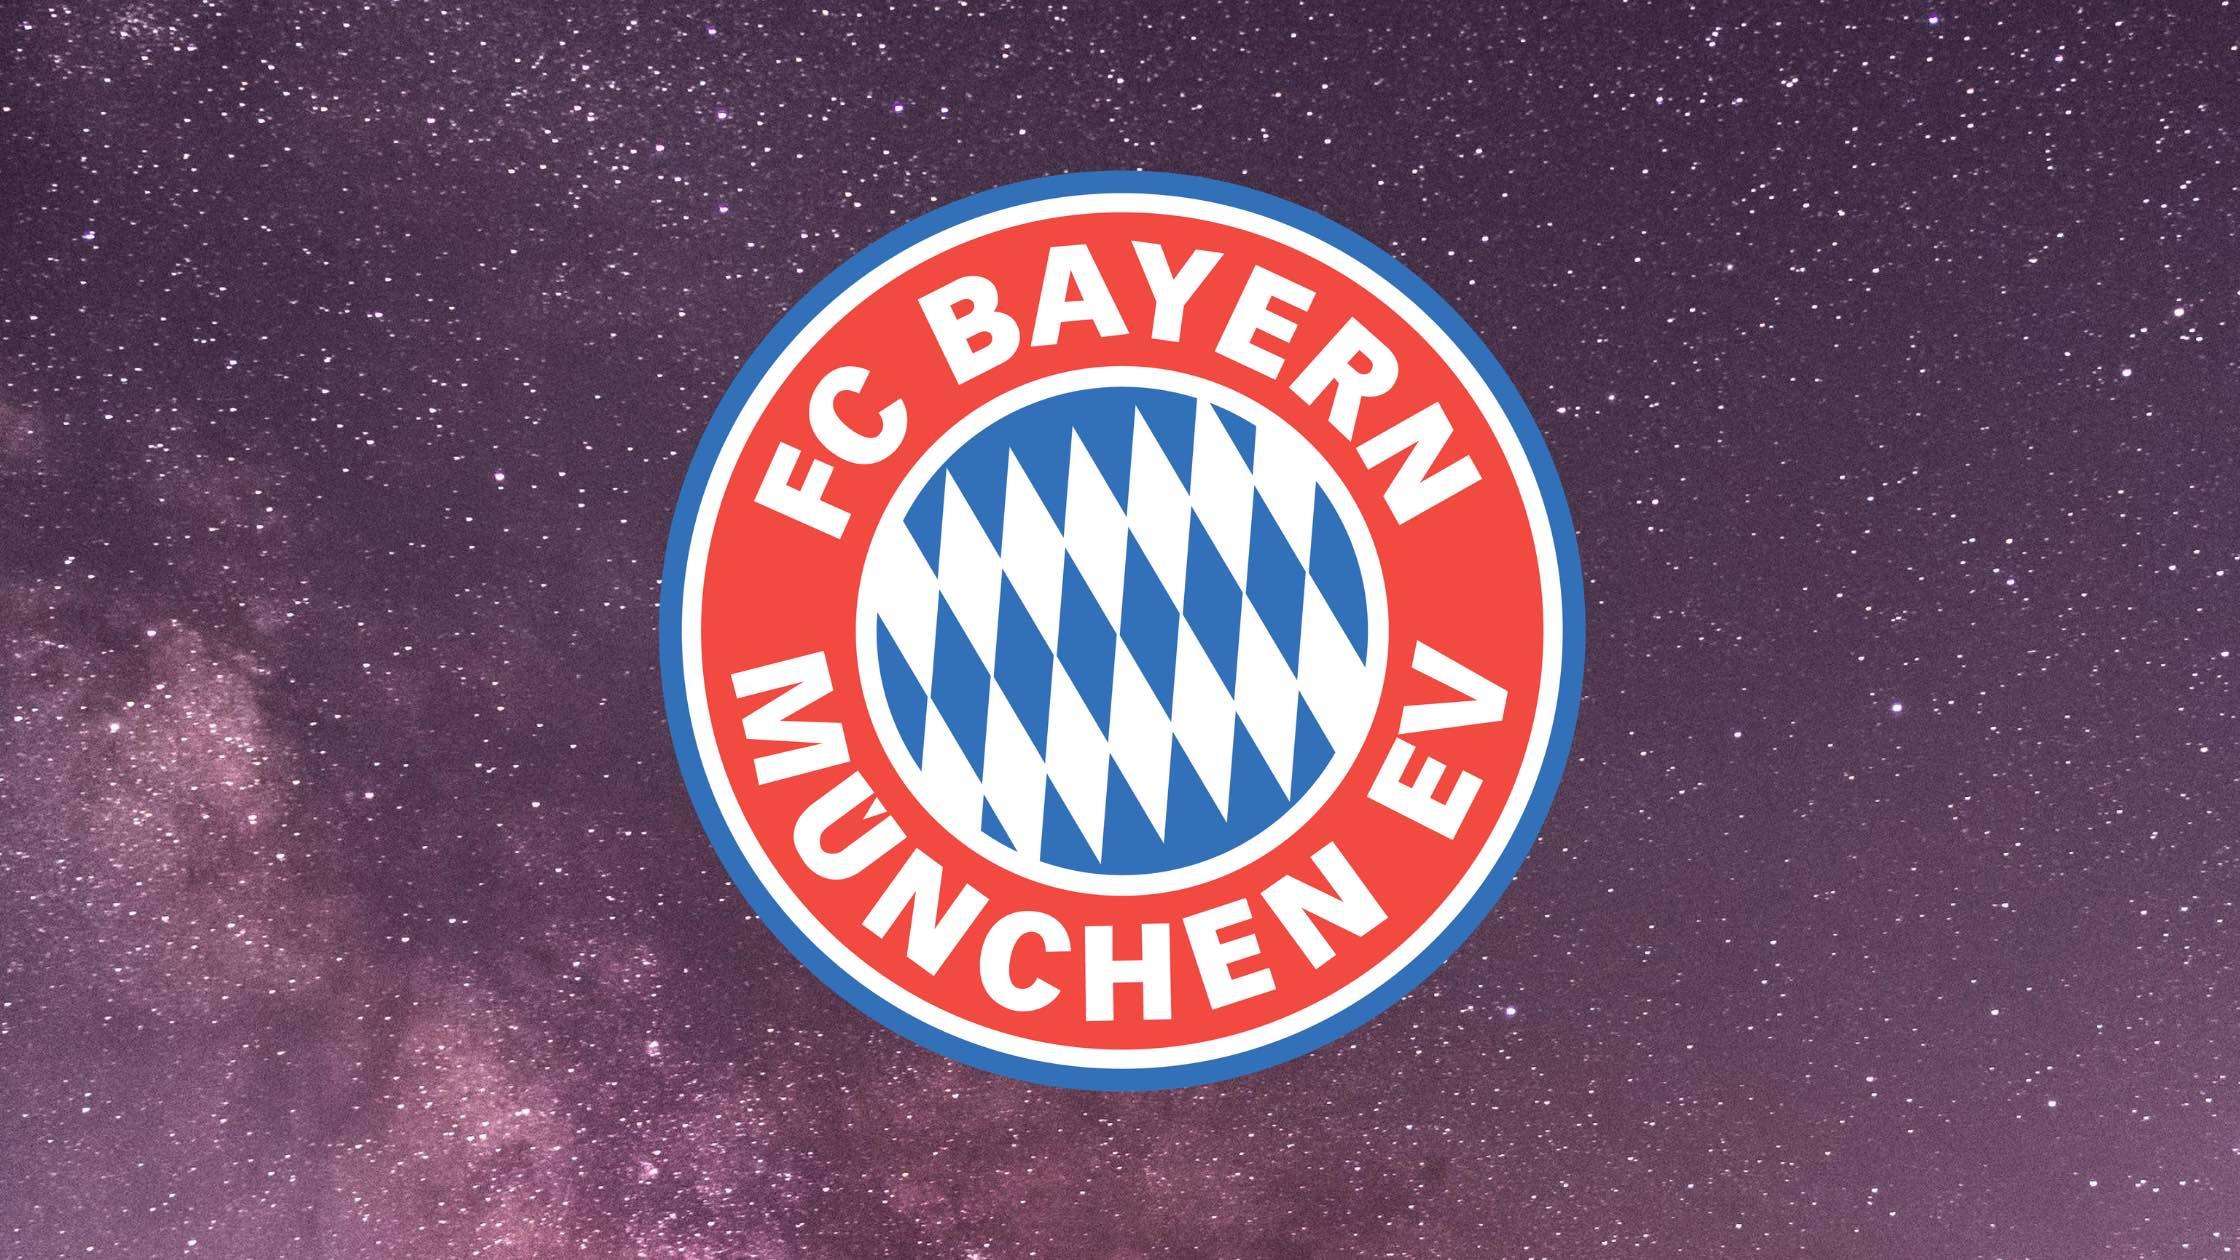 Der FC Bayern München gehört zu den besten Vereinen der Welt und ist ein mehrmaliger Gewinner der Champions League. Transferbudget und Dayot Upamecano.